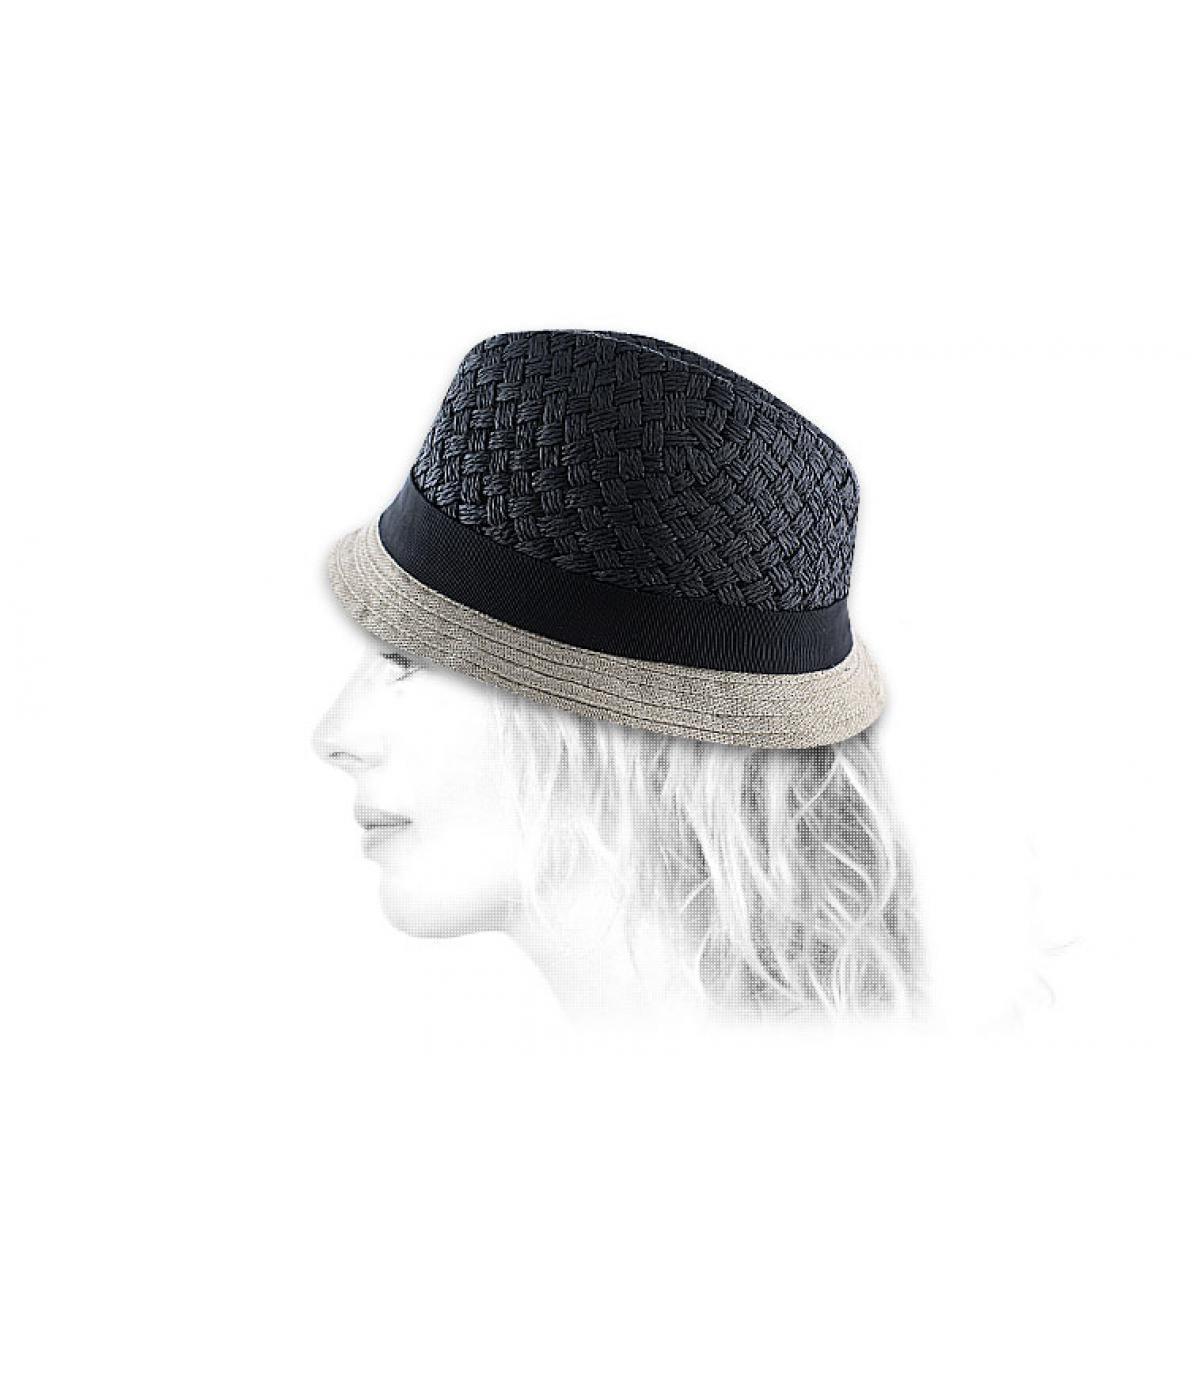 Details Junko hoed - afbeeling 2